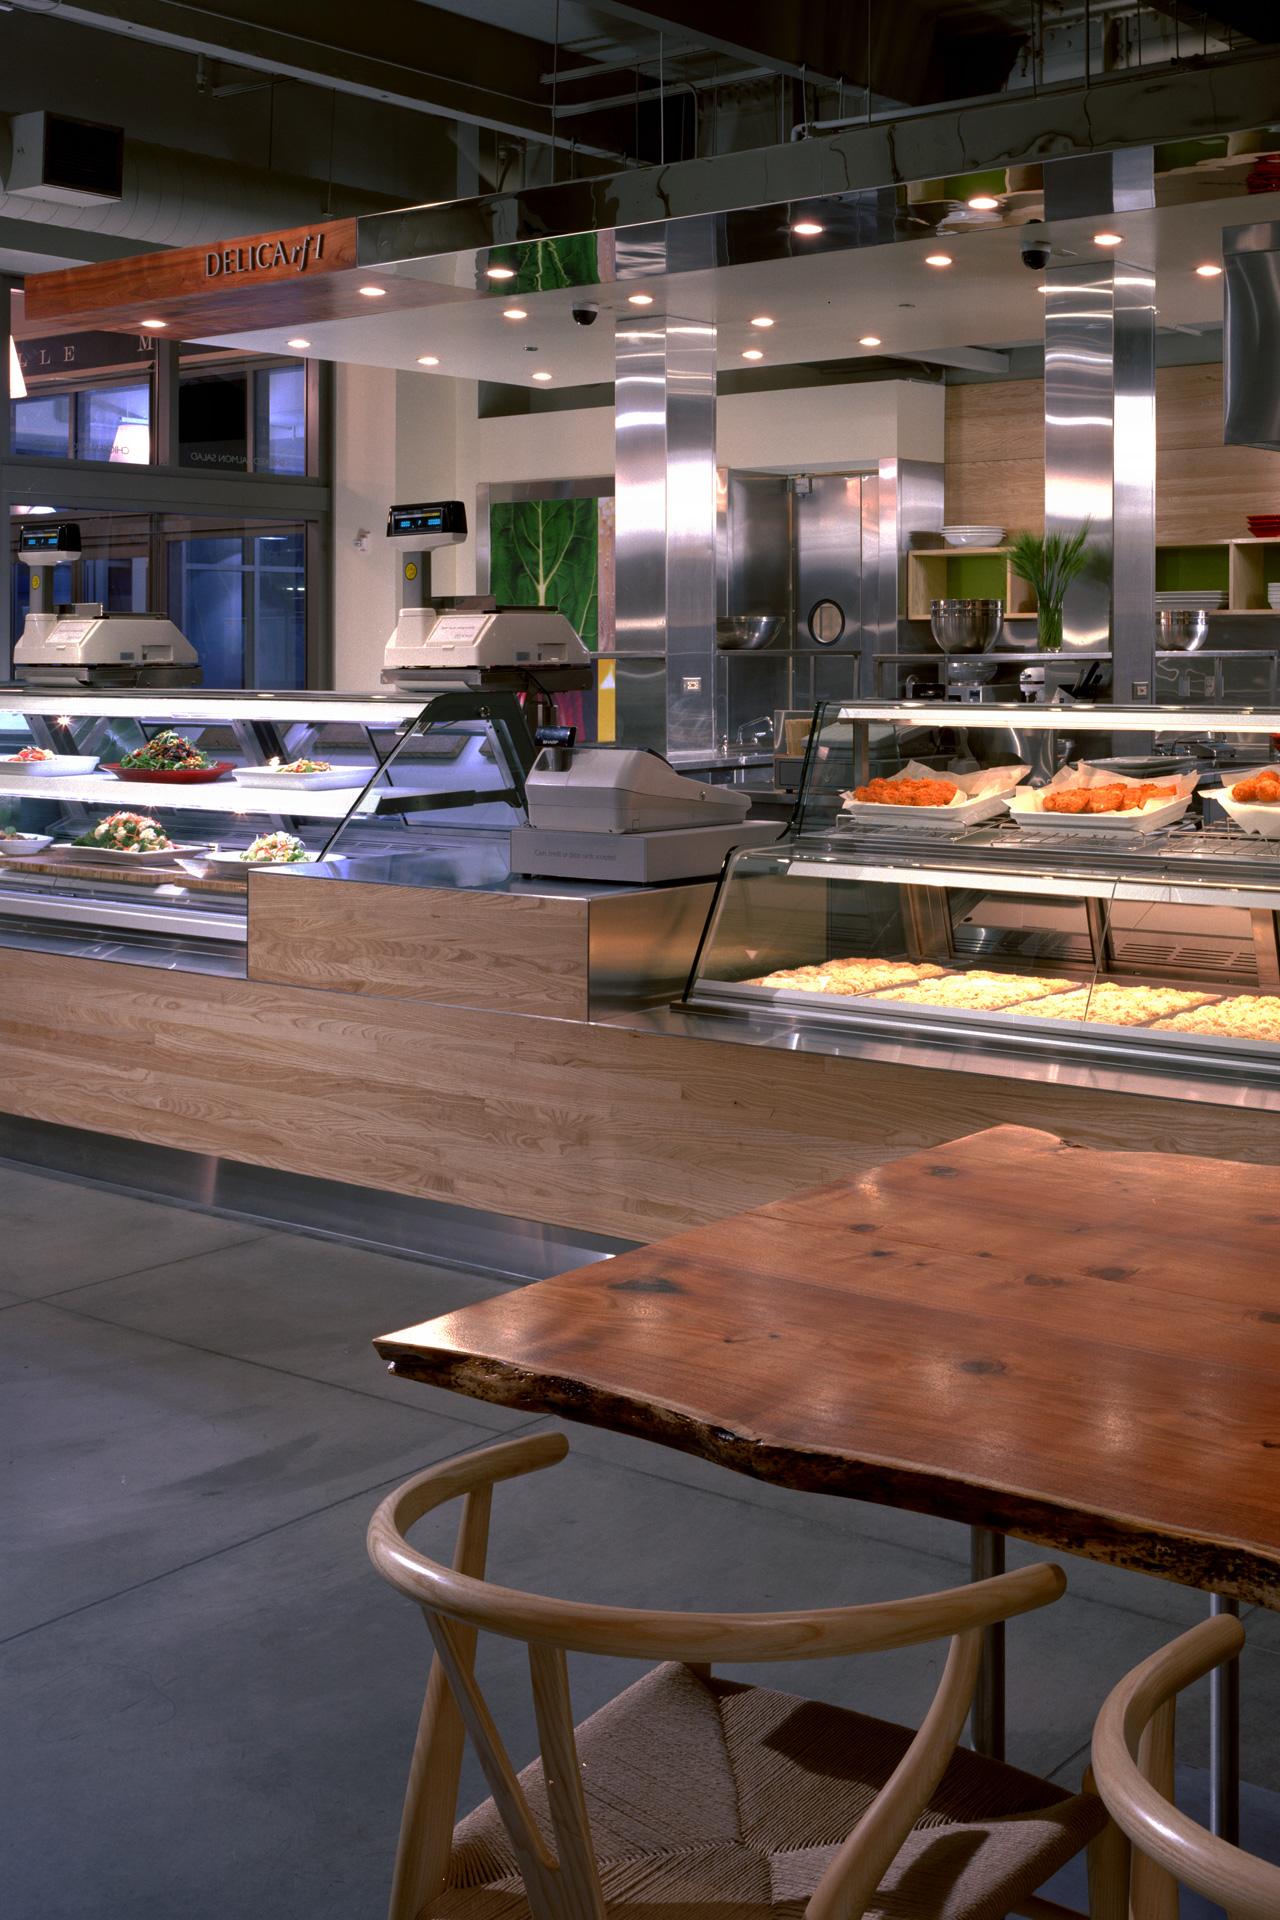 Delica restaurant design